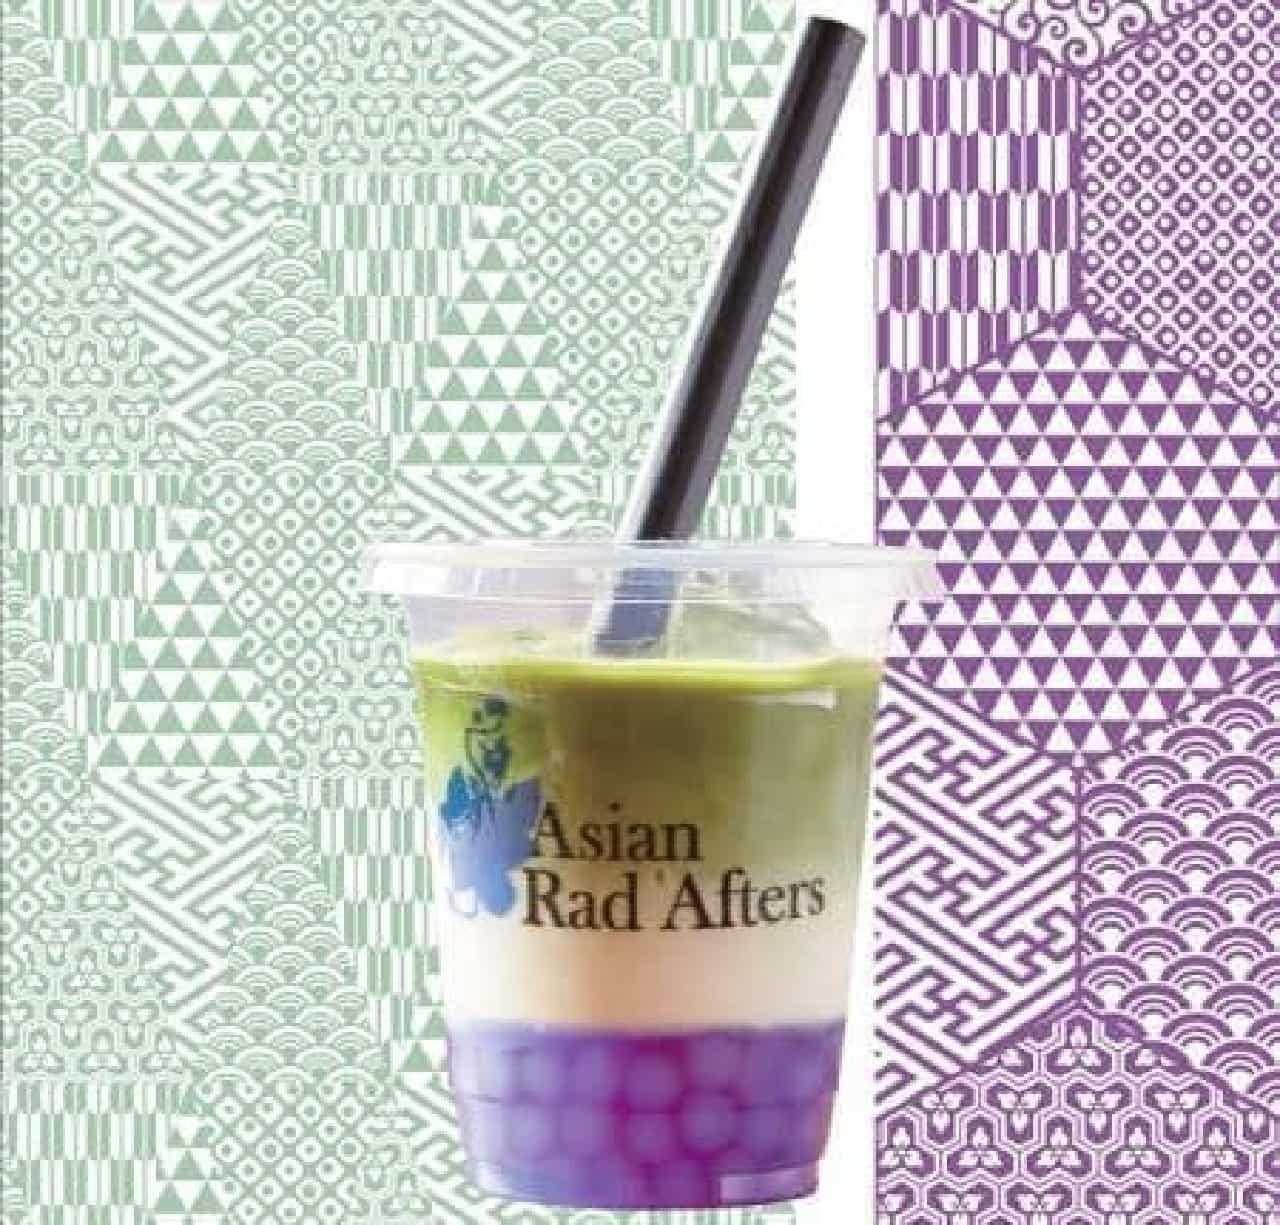 「キモノグリーン」は、ハーブティで色付けされたパープルのタピオカと、抹茶のコントラストを楽しめるグリーンティミルク